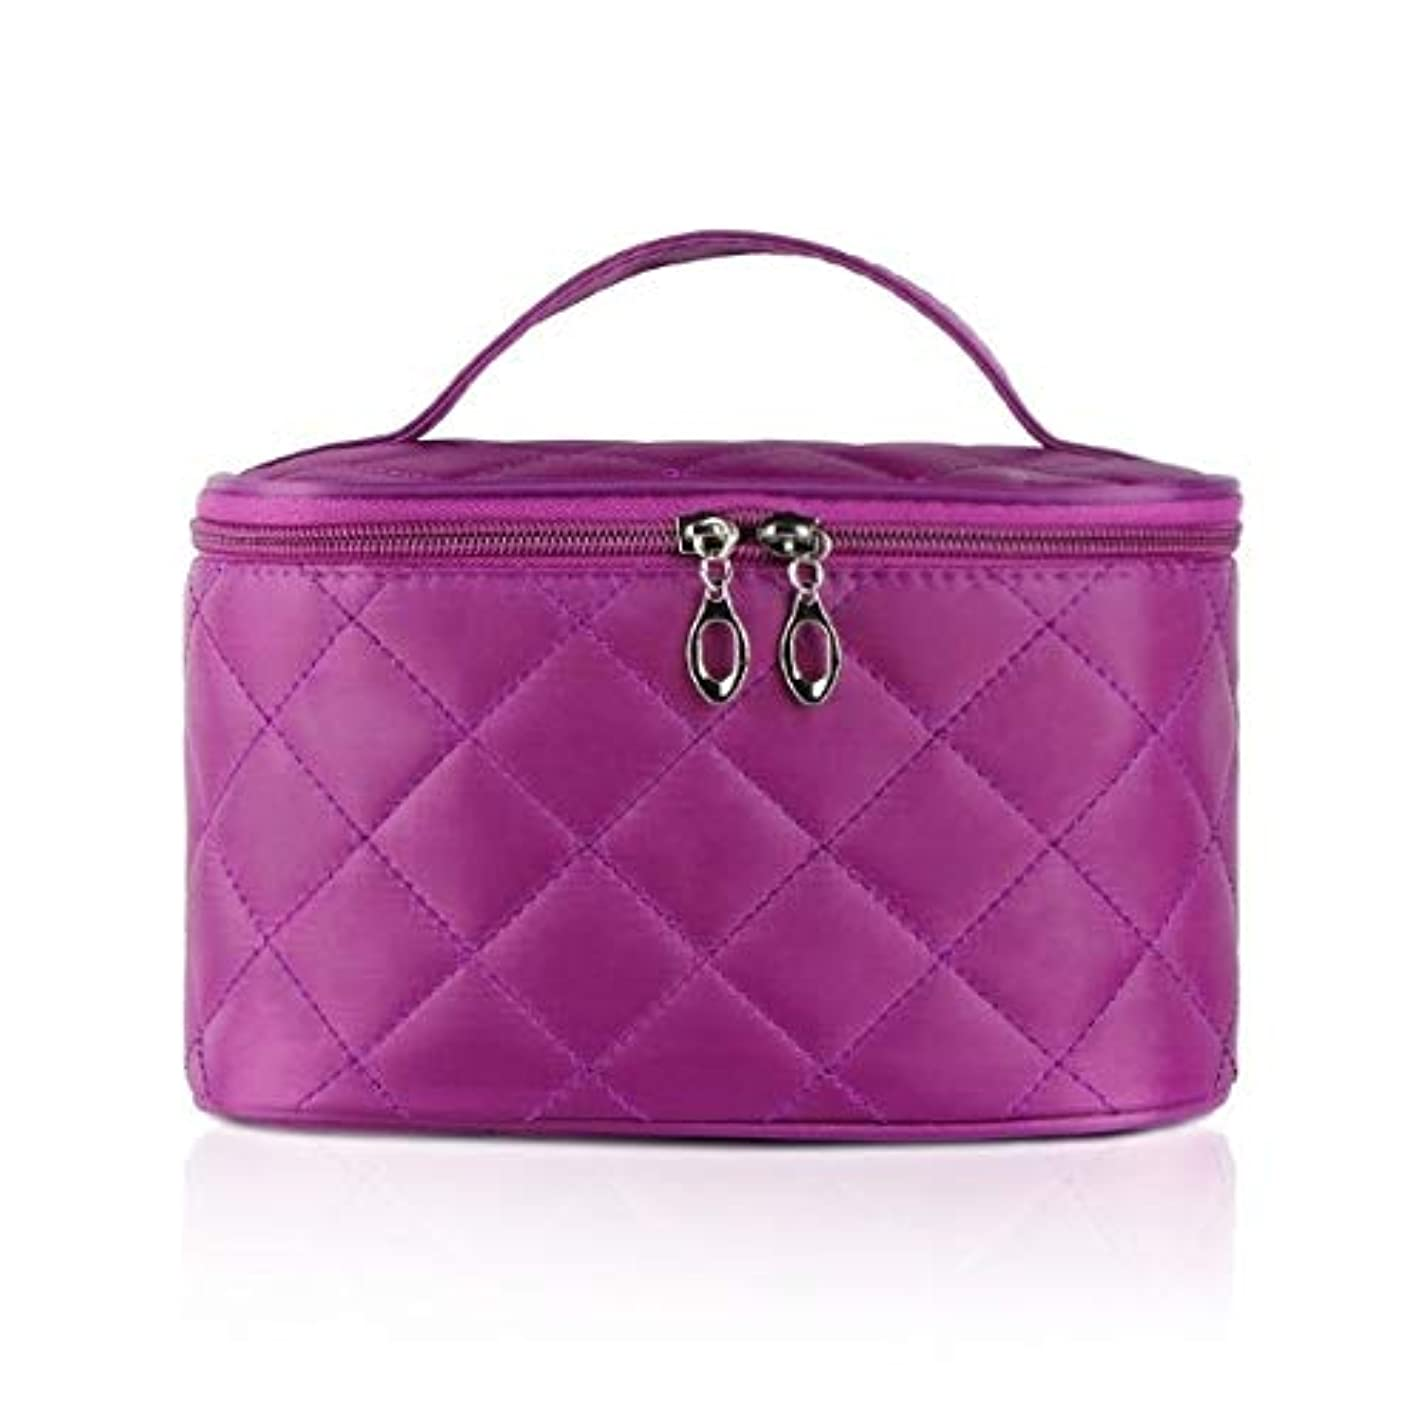 サリー管理者奴隷化粧箱、簡単な菱形の正方形の携帯用化粧品袋、携帯用携帯用旅行化粧品の箱、美の釘の宝石類の収納箱 (Color : Purple)